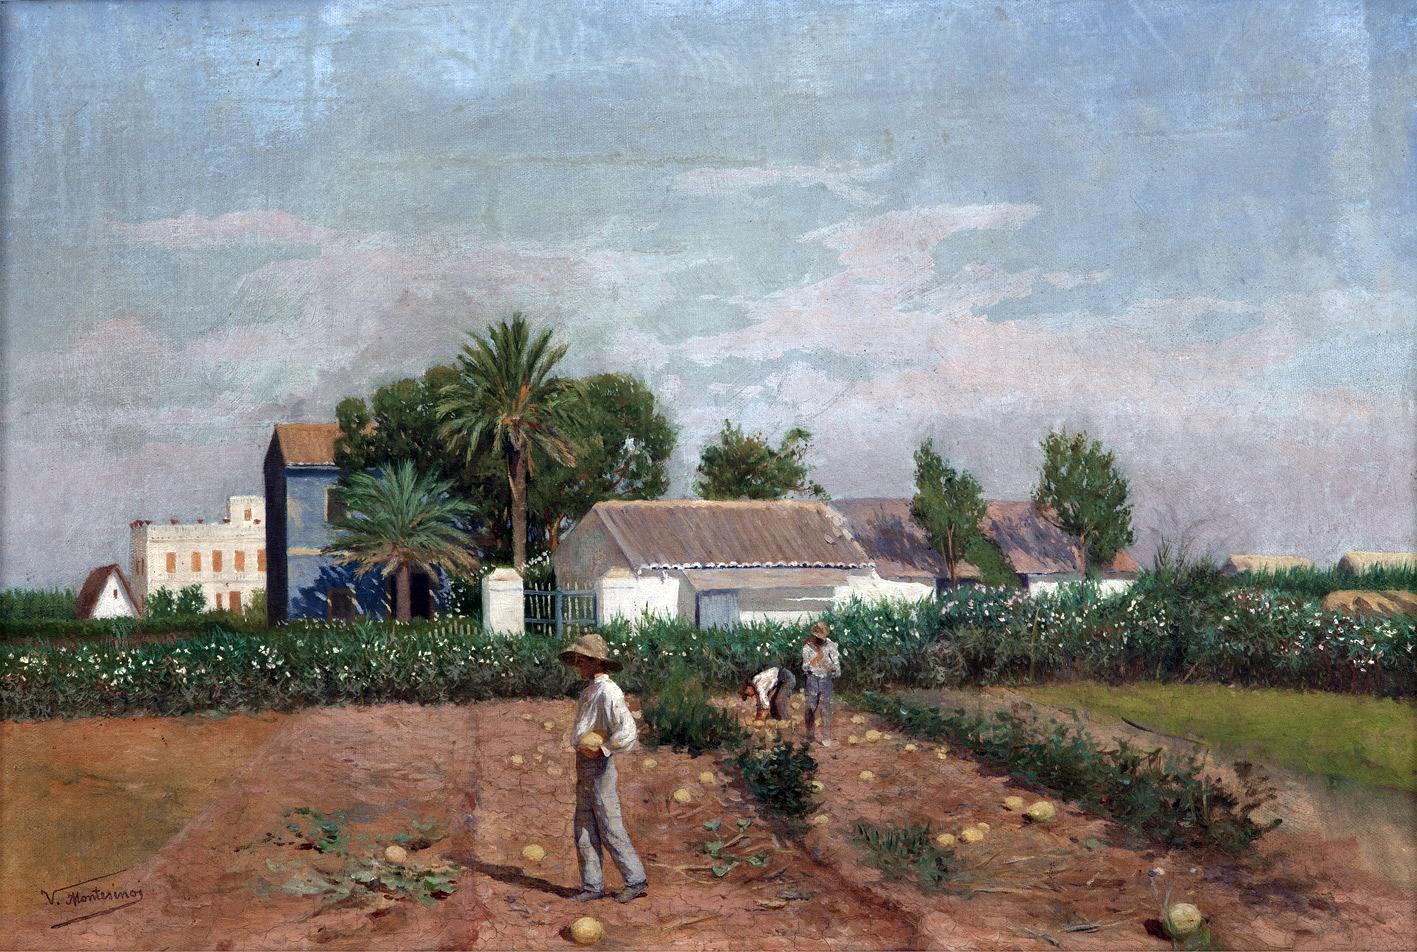 PAISAJISTAS ESPAÑOLES DEL SIGLO XIX Y XX: Vicente Montesinos Cervero